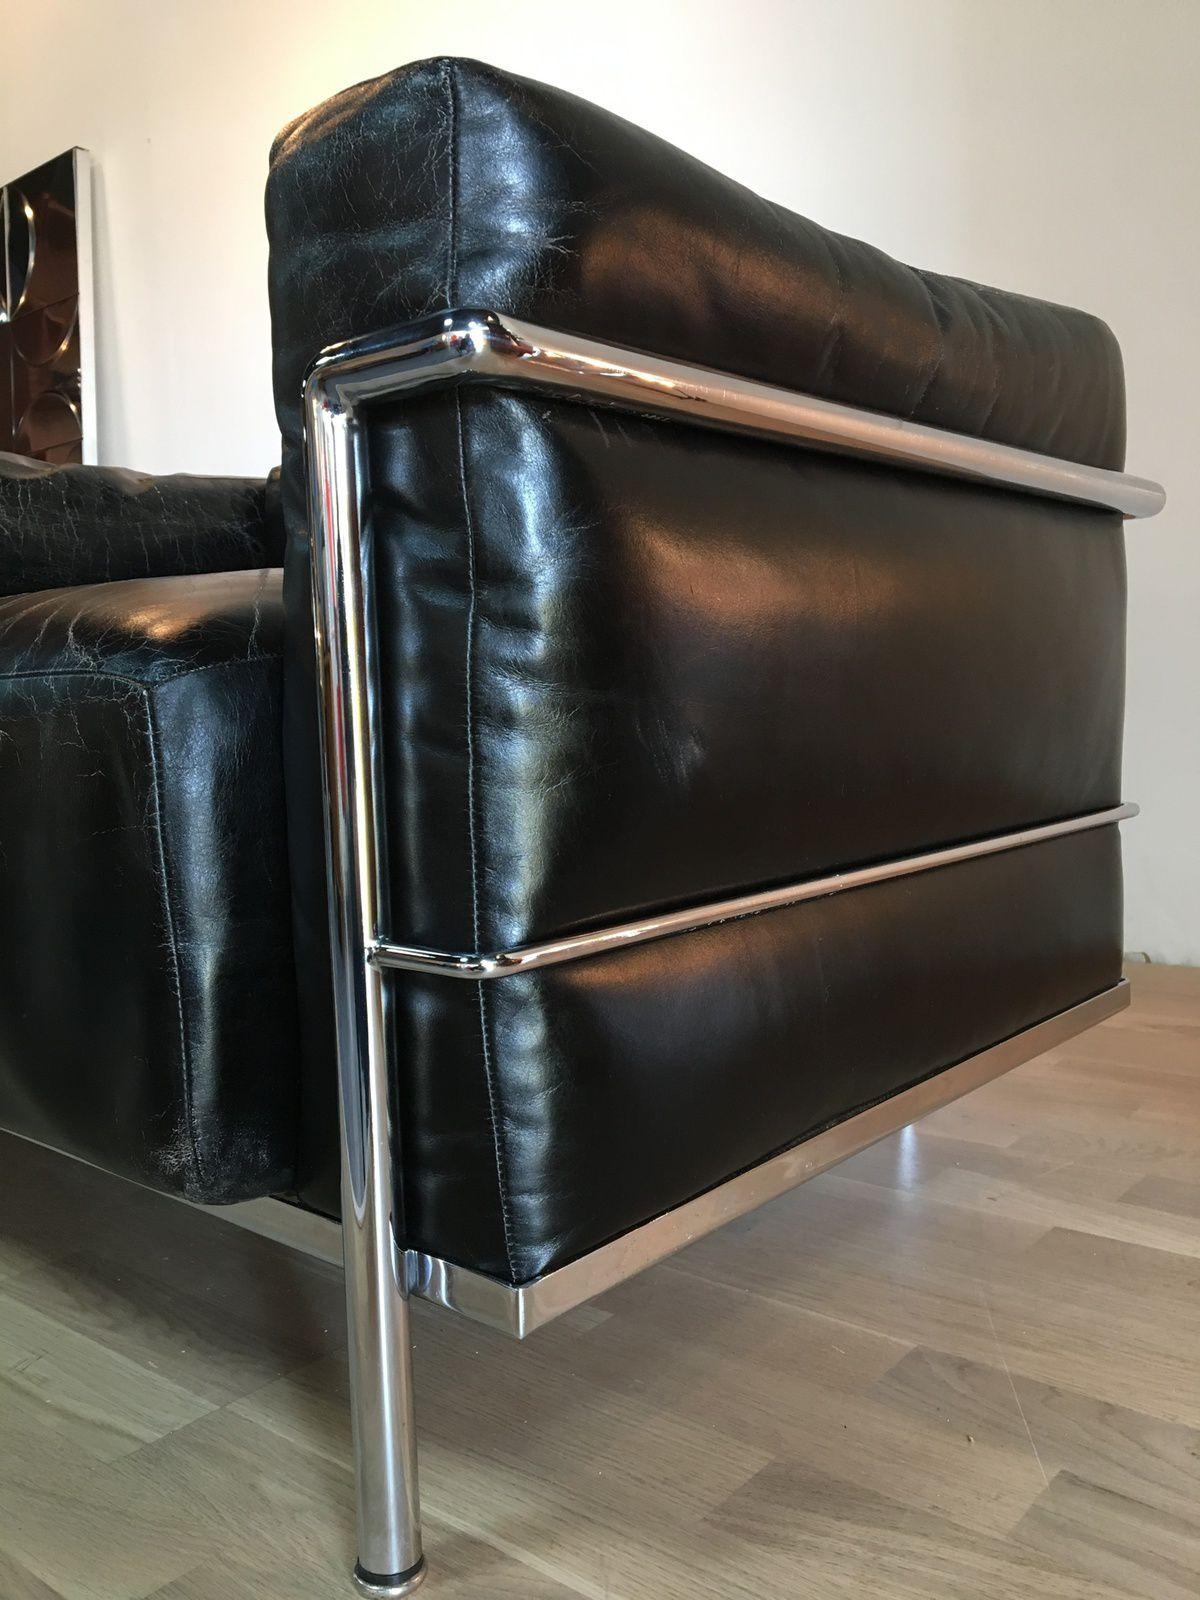 Fauteuil LC3 de Le Corbusier Cassina datant de 1960 modèle grand confort signés Le Corbuiser LC3 n°252 et 261 magnifique patine cuir noir